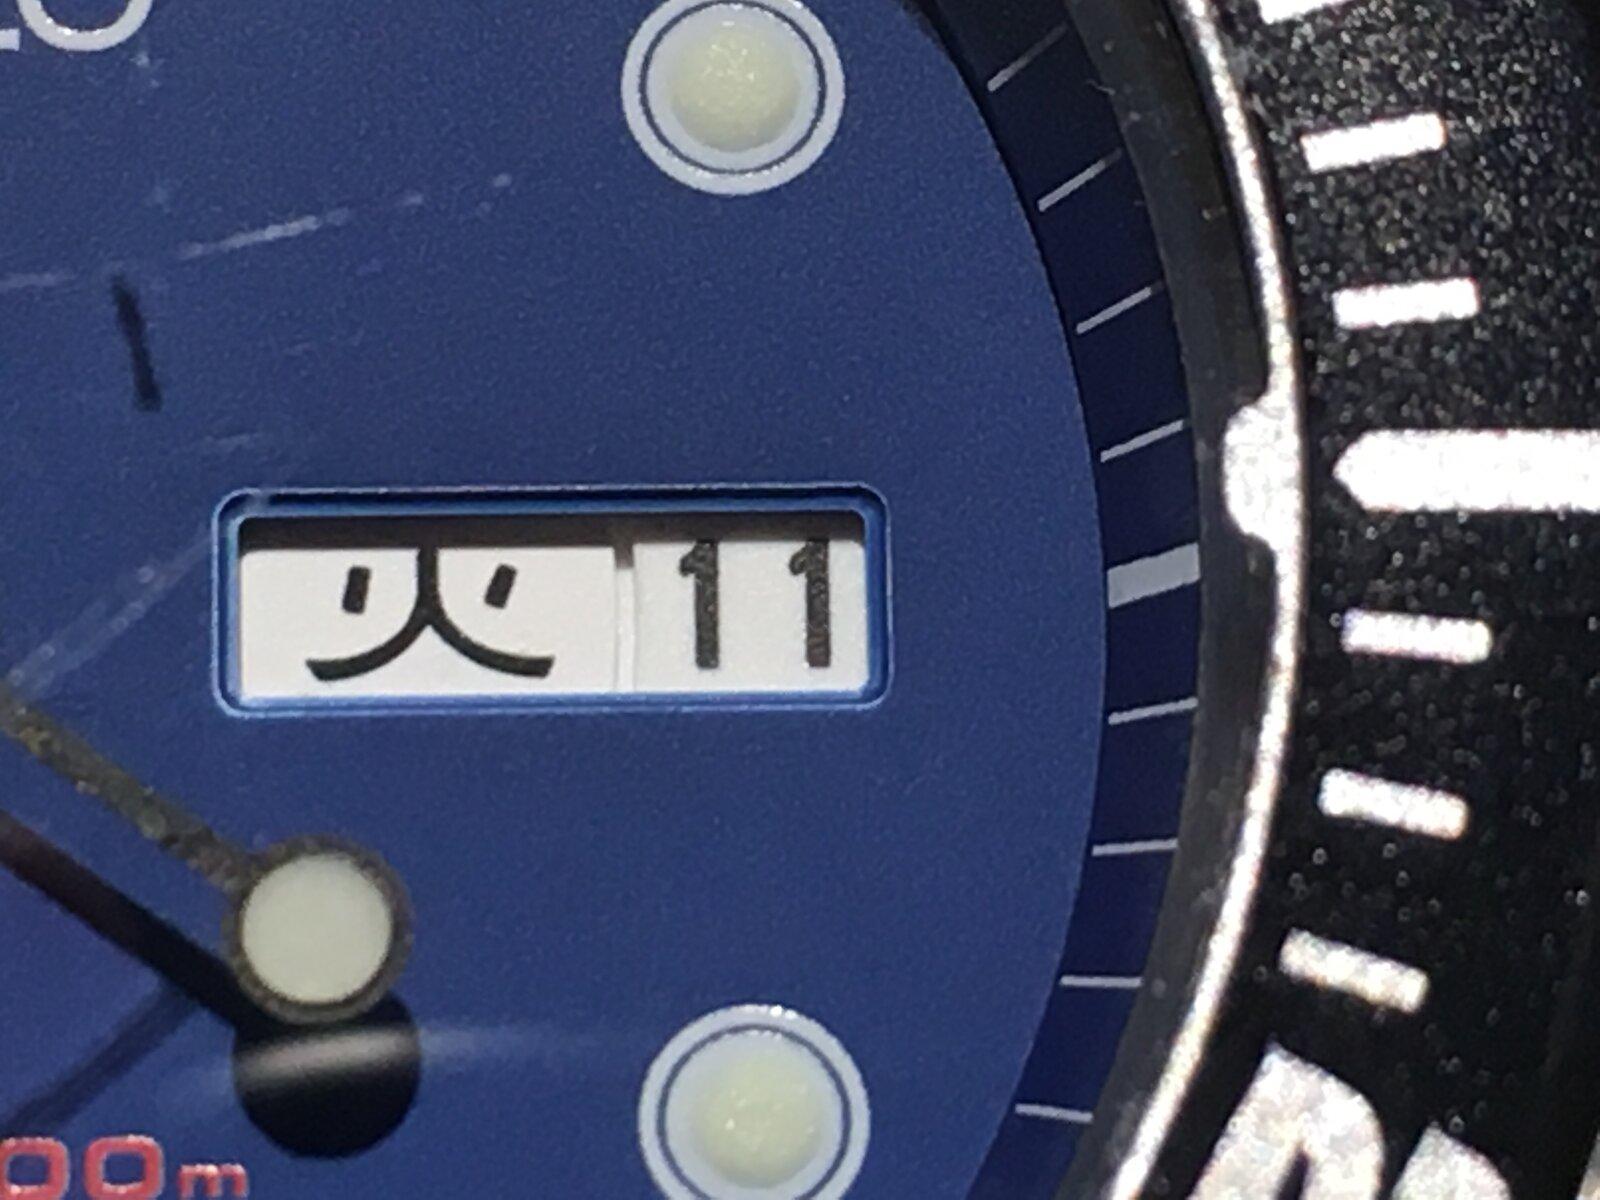 1877FAE7-0FEB-4384-BE37-6A32D3A4ABC7.